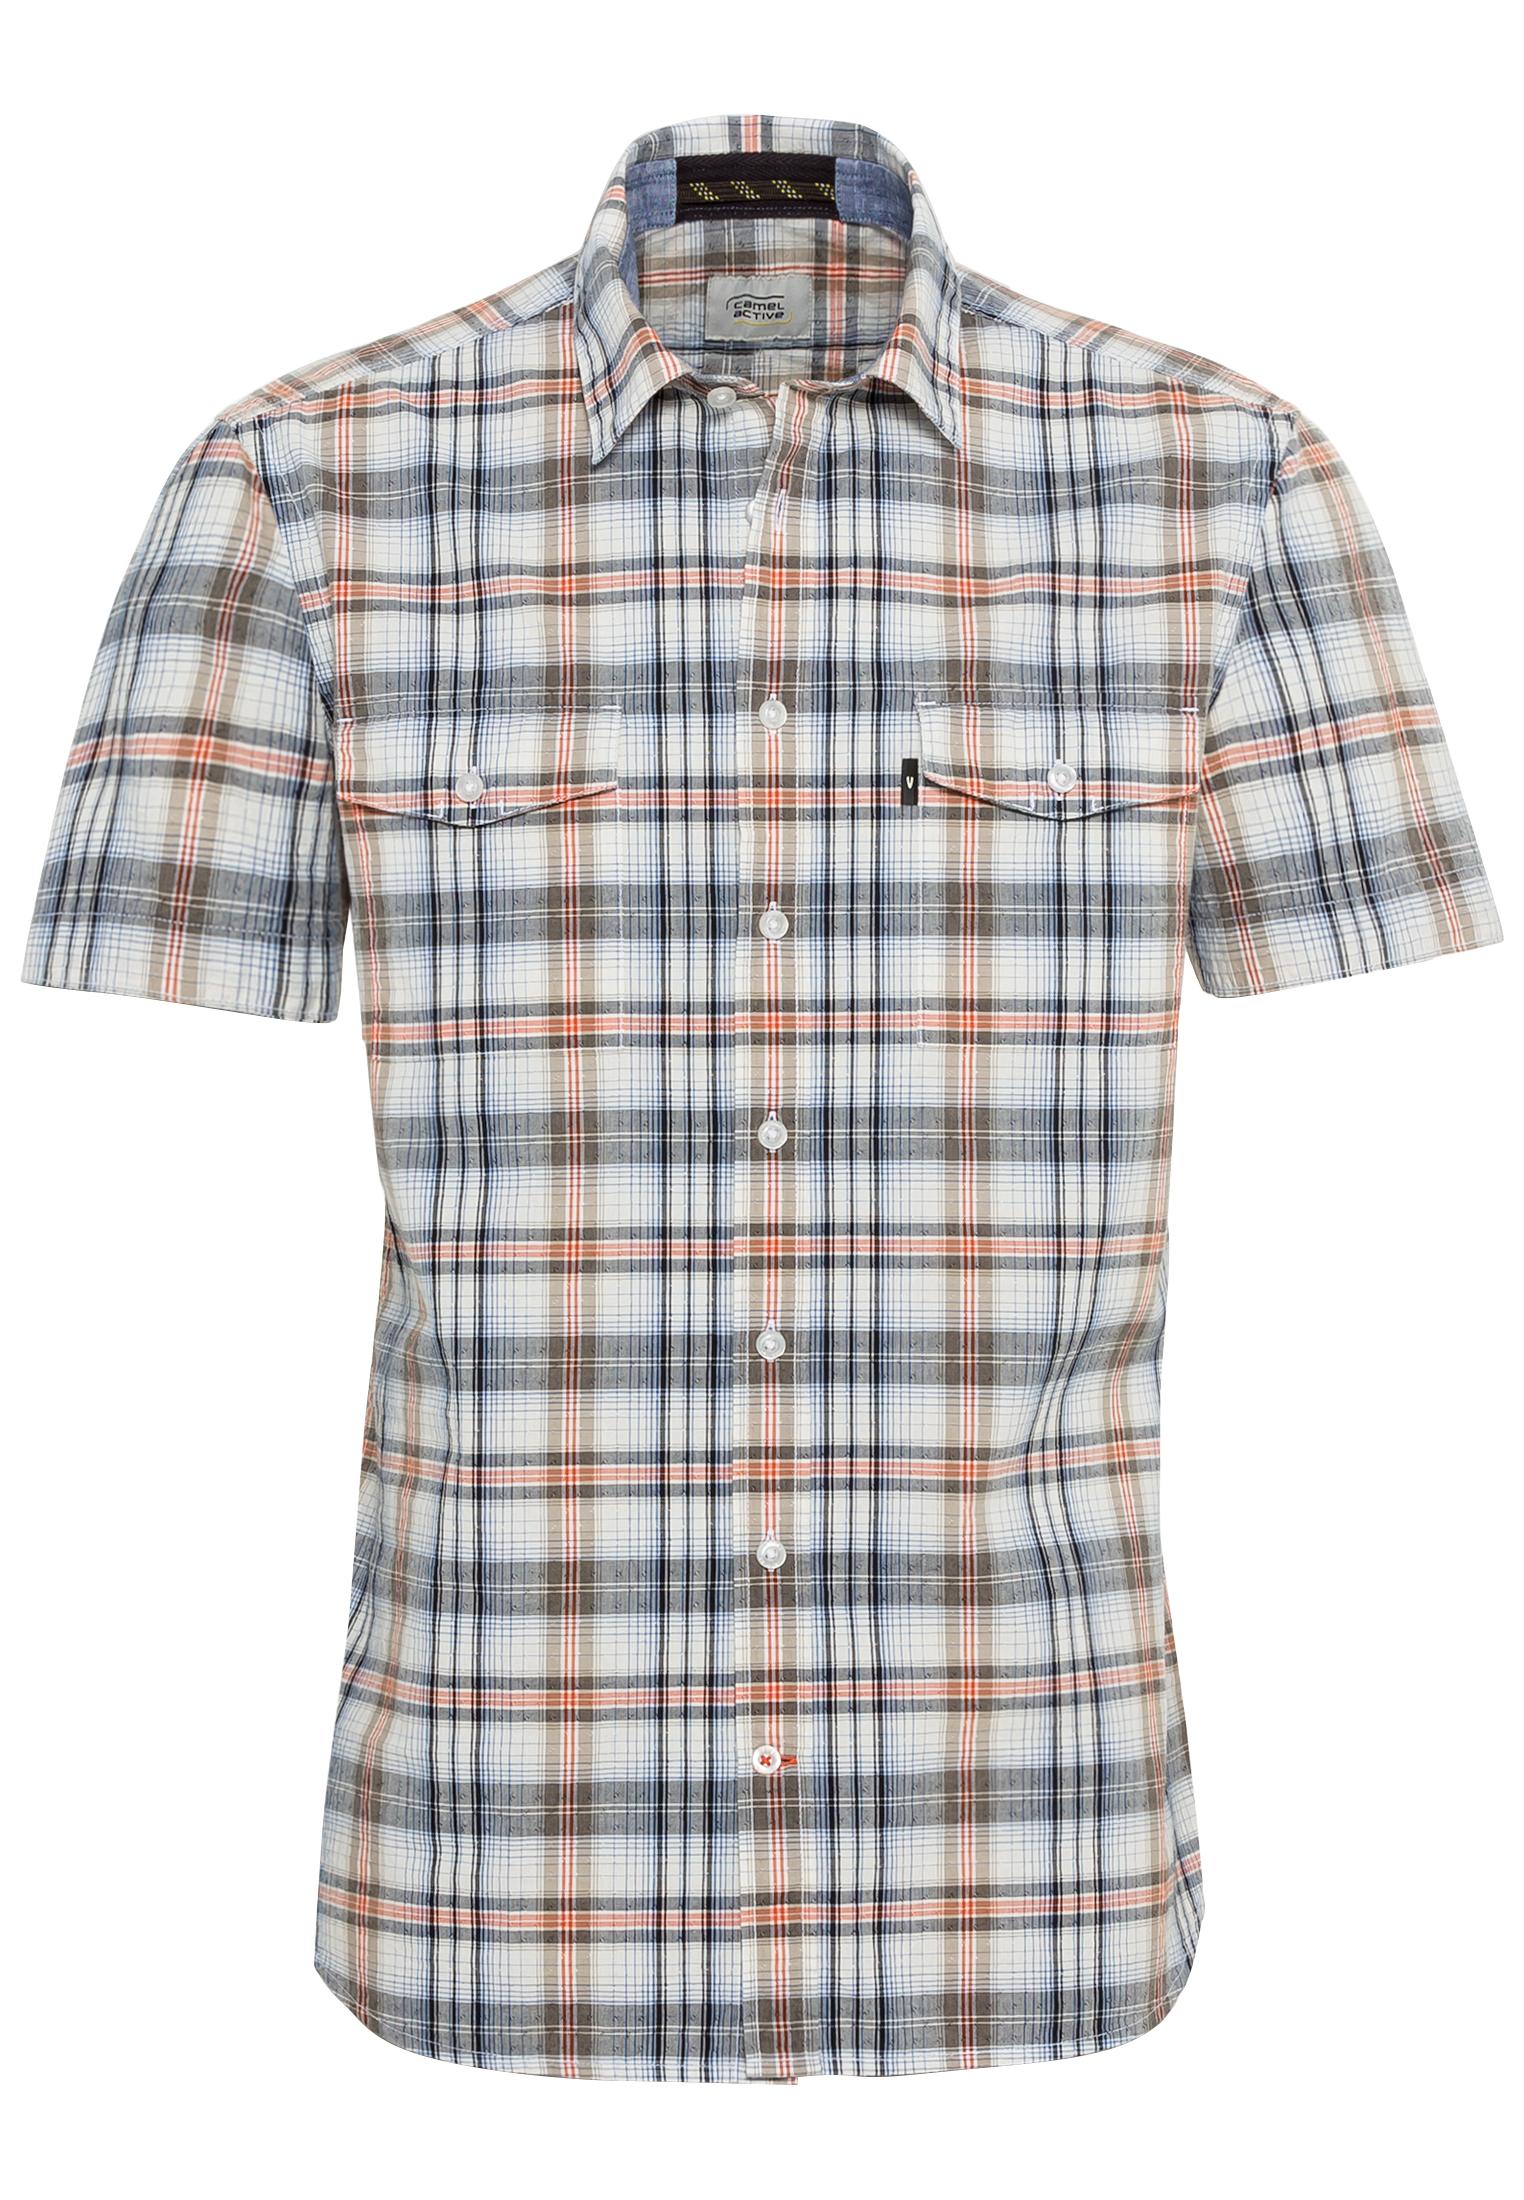 Κοντό μανίκι πουκάμισο Kent Stripes